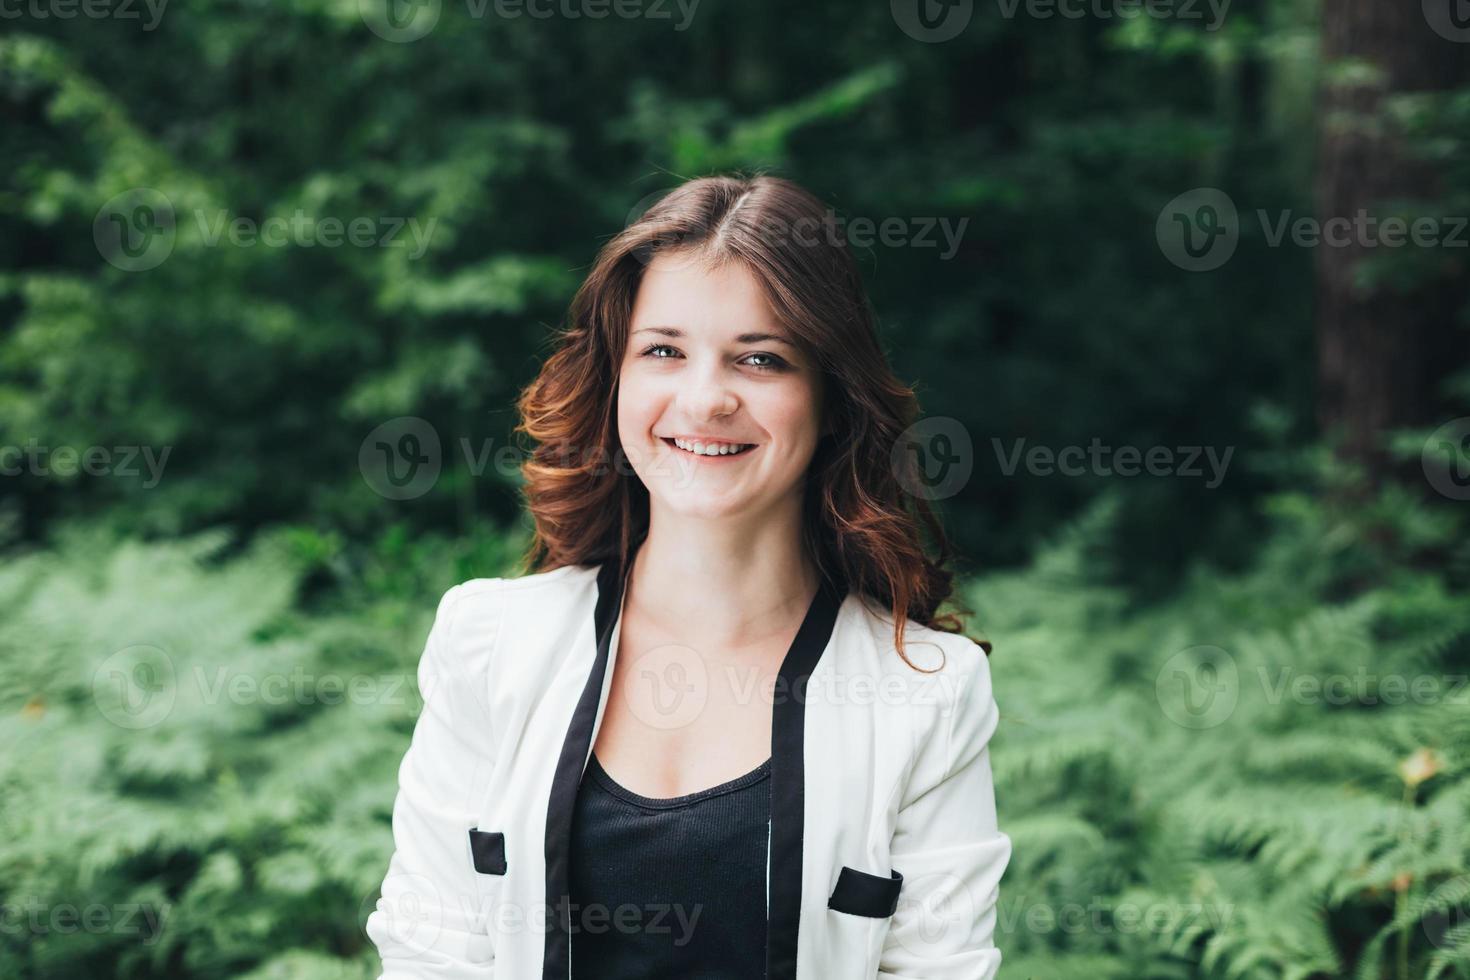 portret van jong gelukkig schoonheidsmeisje in jasje in bos foto